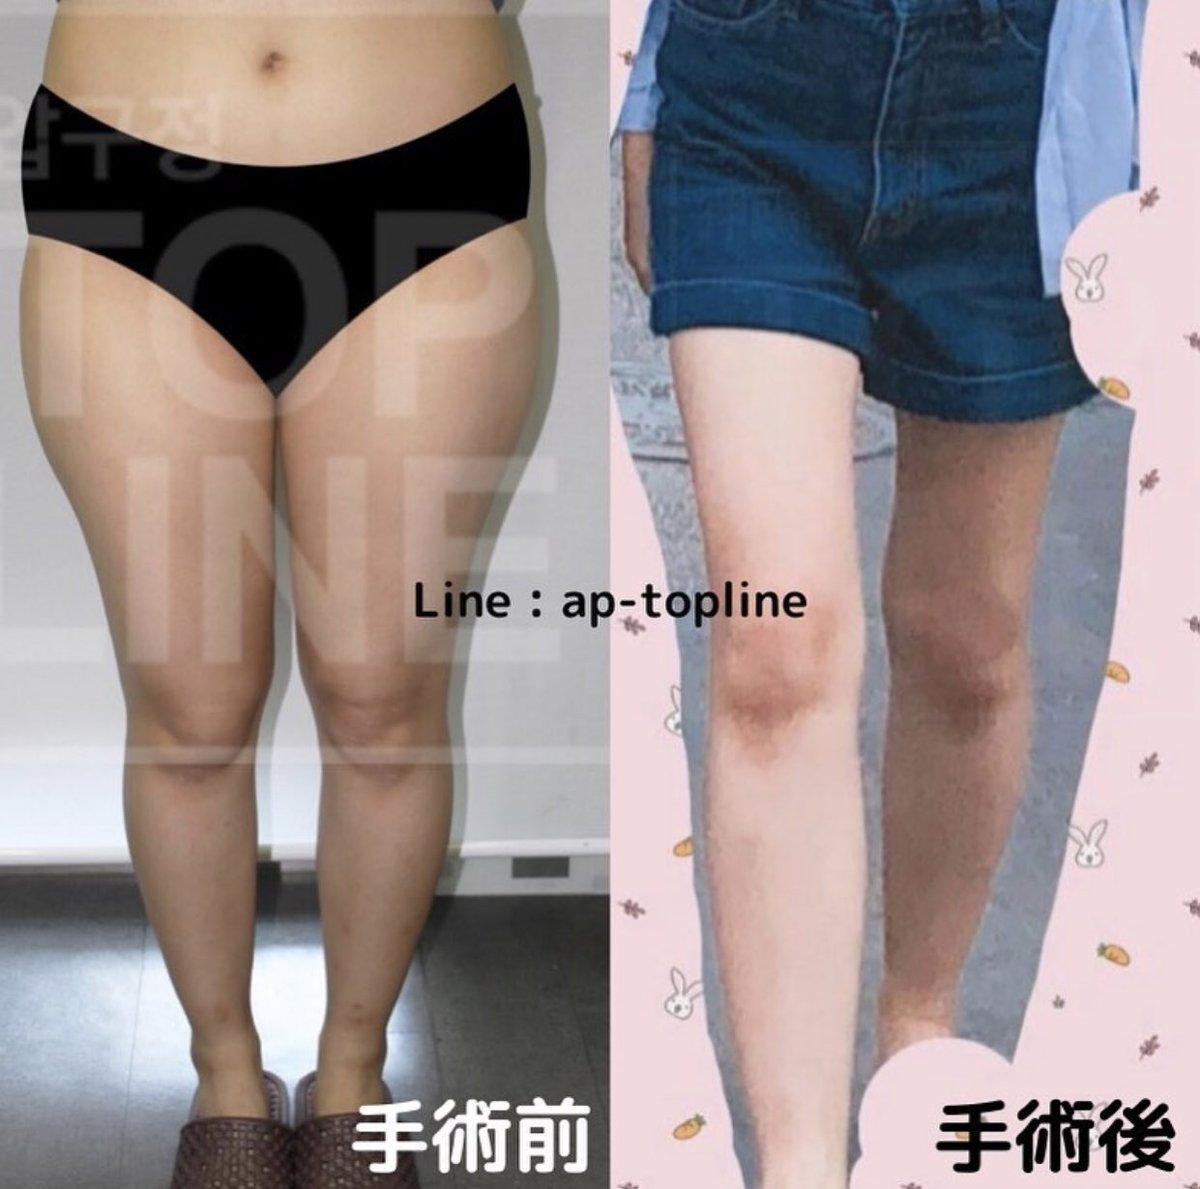 体型の変化でファッションの幅も広がりますよね❣️❣️脂肪吸引をして新しい人生を手に入れるお手伝いをさせて下さい✨✨Line 🌟 ap-topline   #脂肪吸引 #脂肪移植 #ダイエット #美脚 #整形 #美容 #韓国コスメ #ウエスト #腹部 #くびれ #diet #美尻 #太もも #ファッション